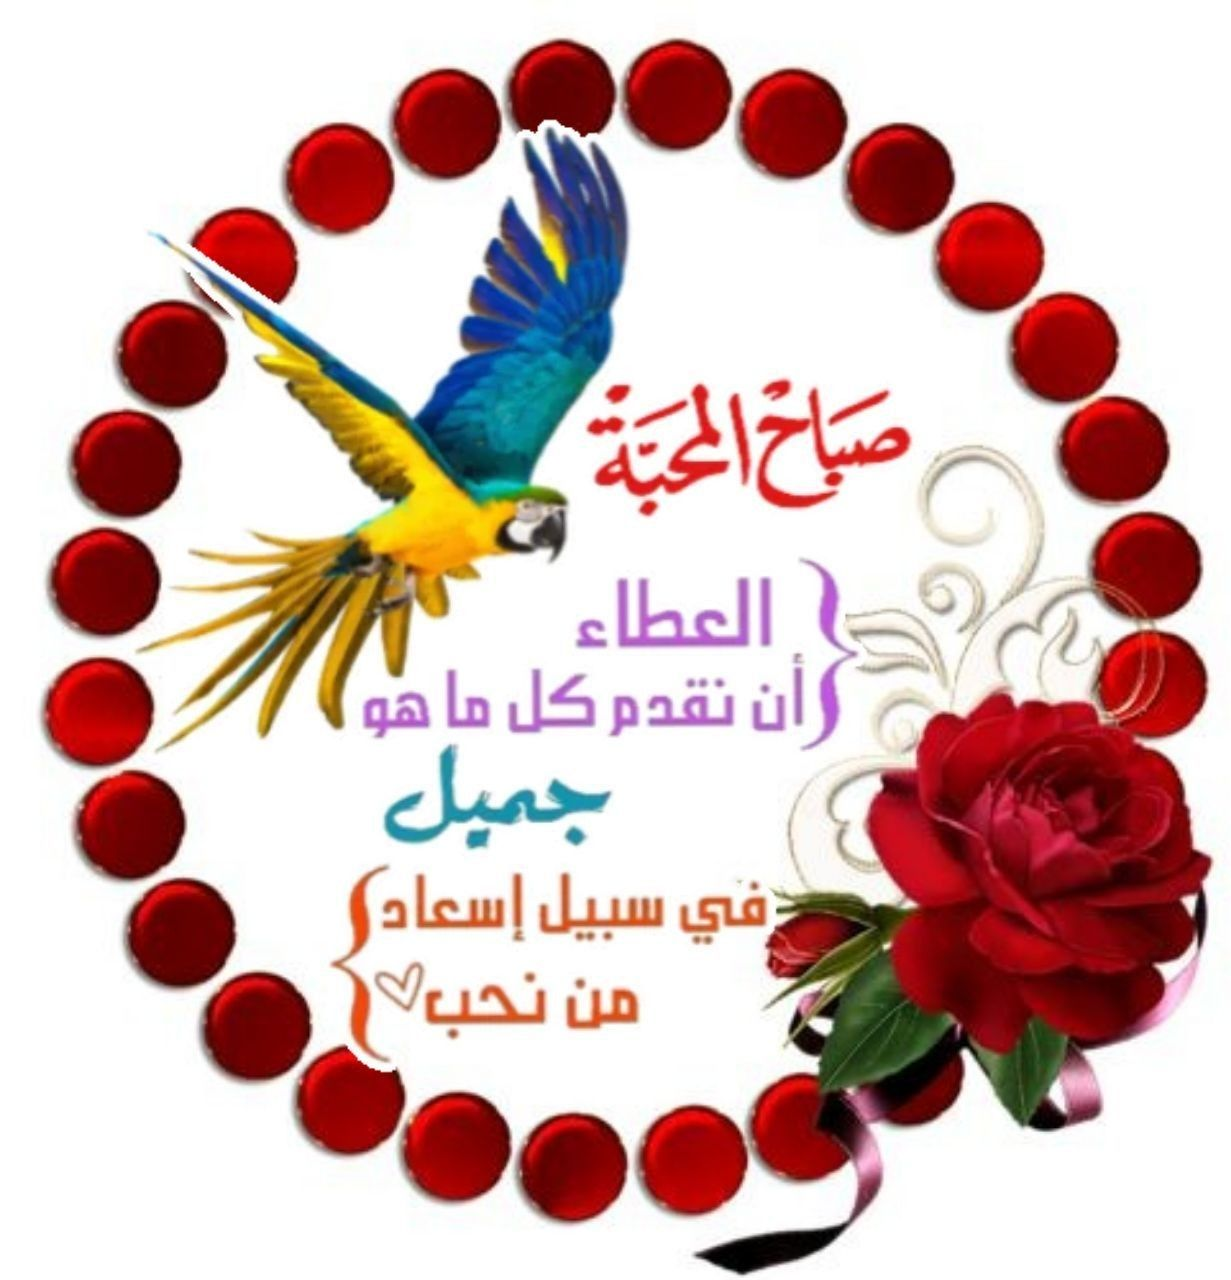 Pin By Hanan Farah On الصباحات Romantic Love Quotes Romantic Love Love Quotes